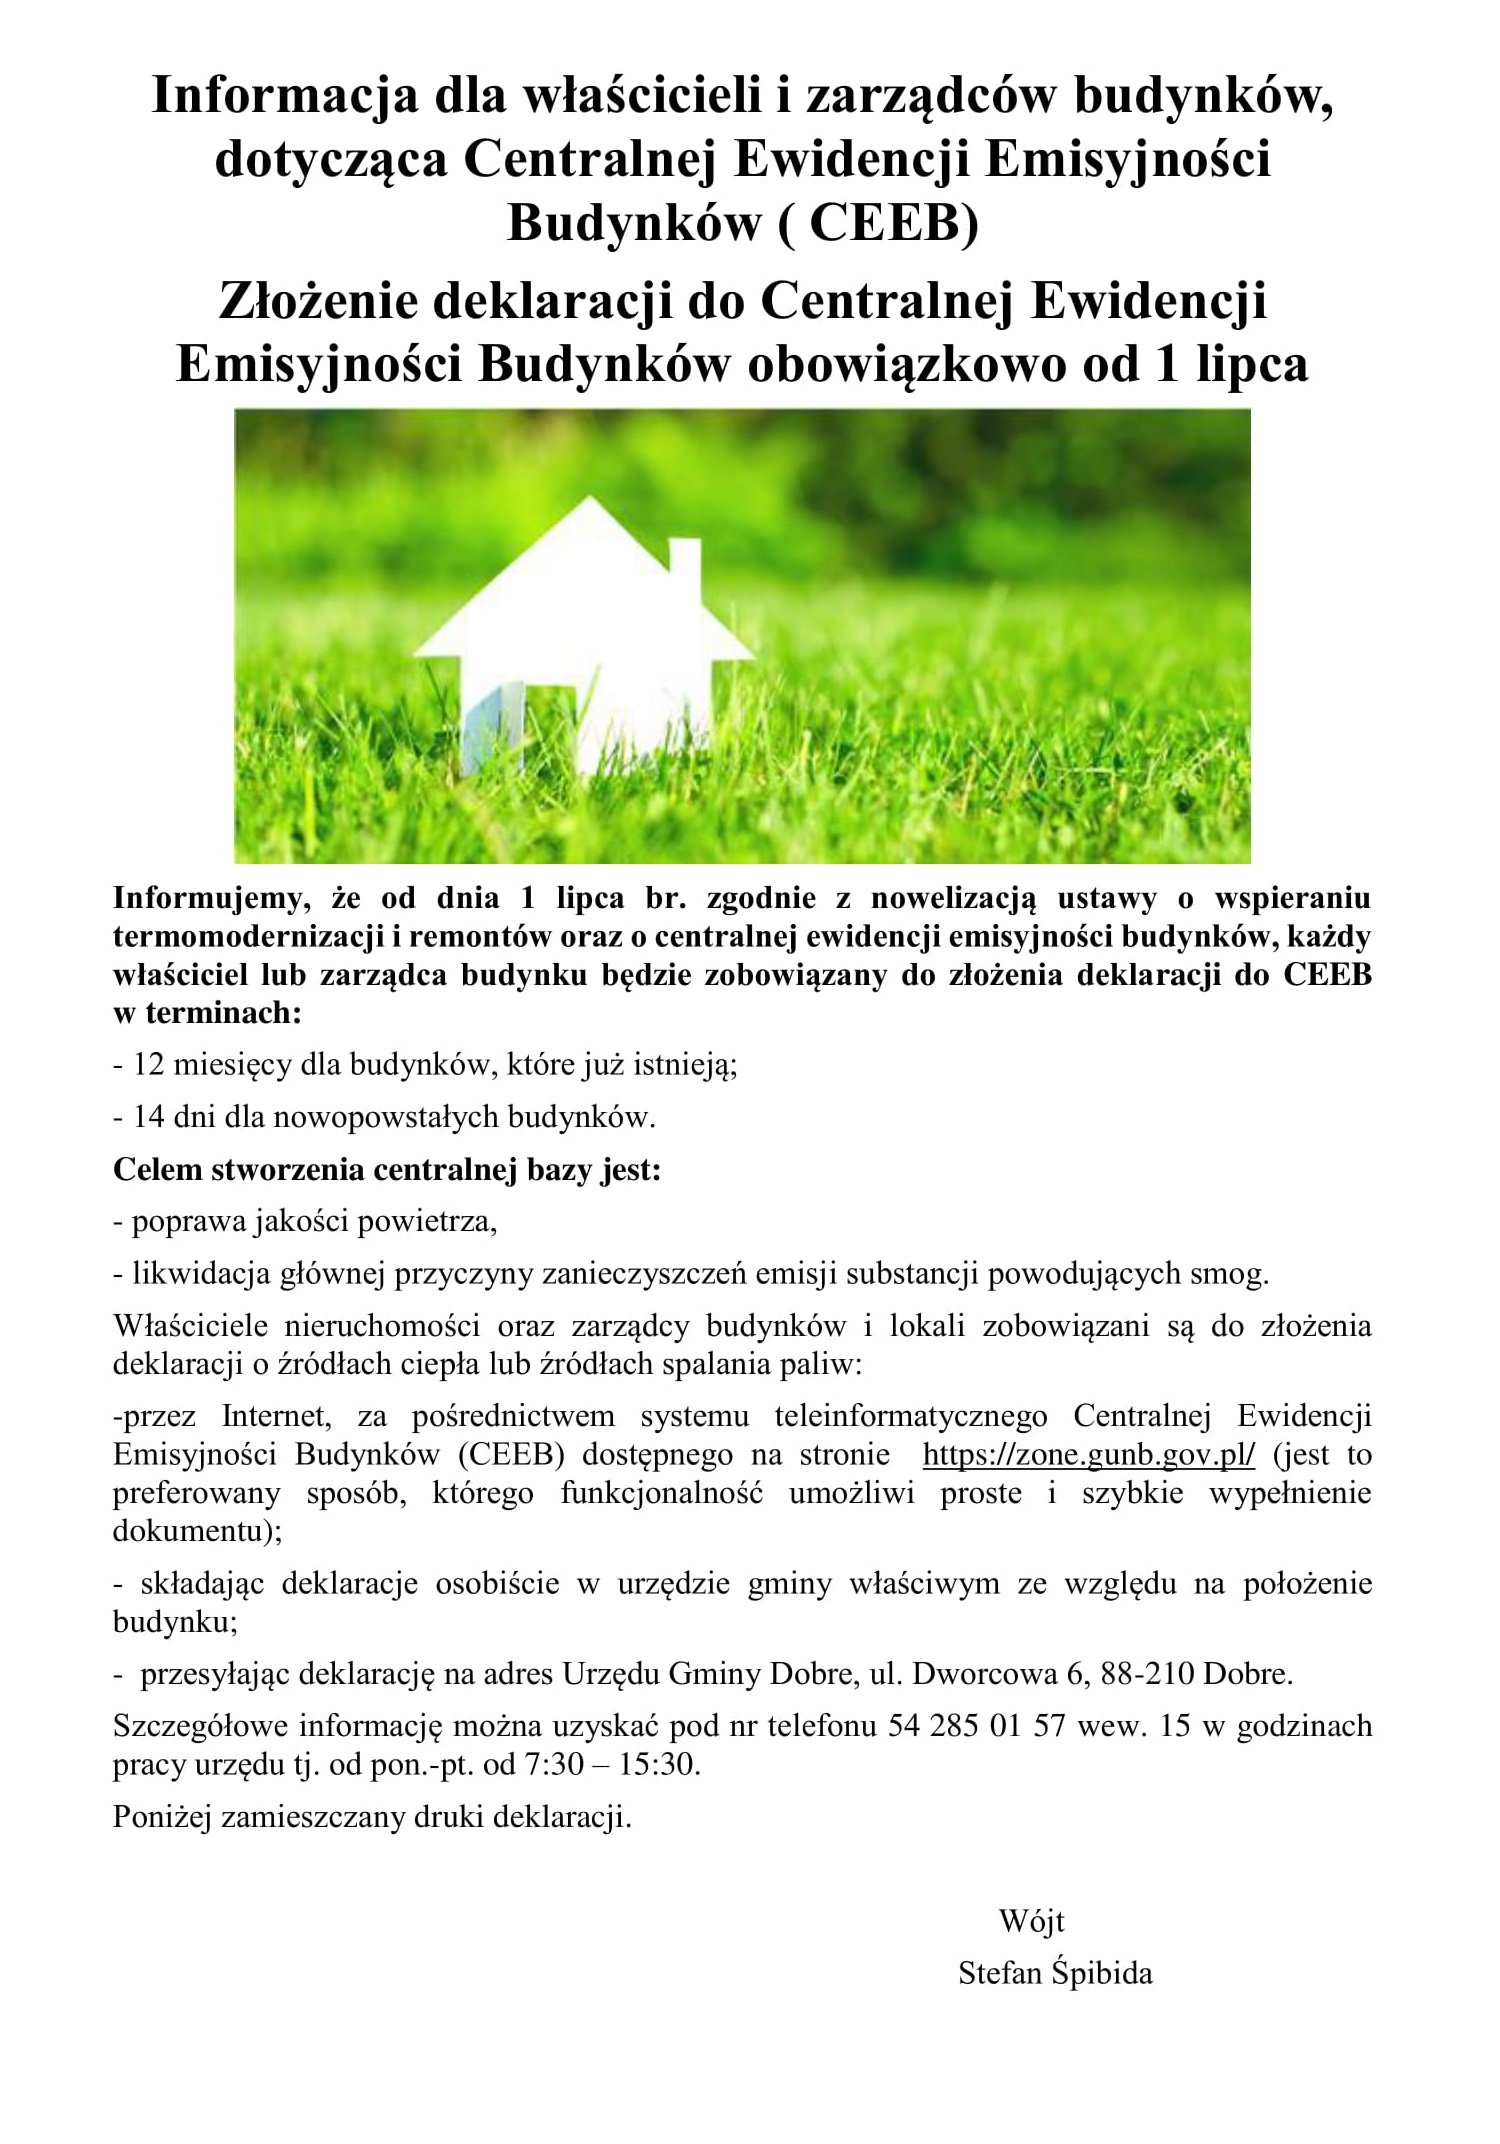 Informacja dla właścicieli i zarządców budynków Centralna ewidencja emisyjności budynków-1.jpg (609 KB)